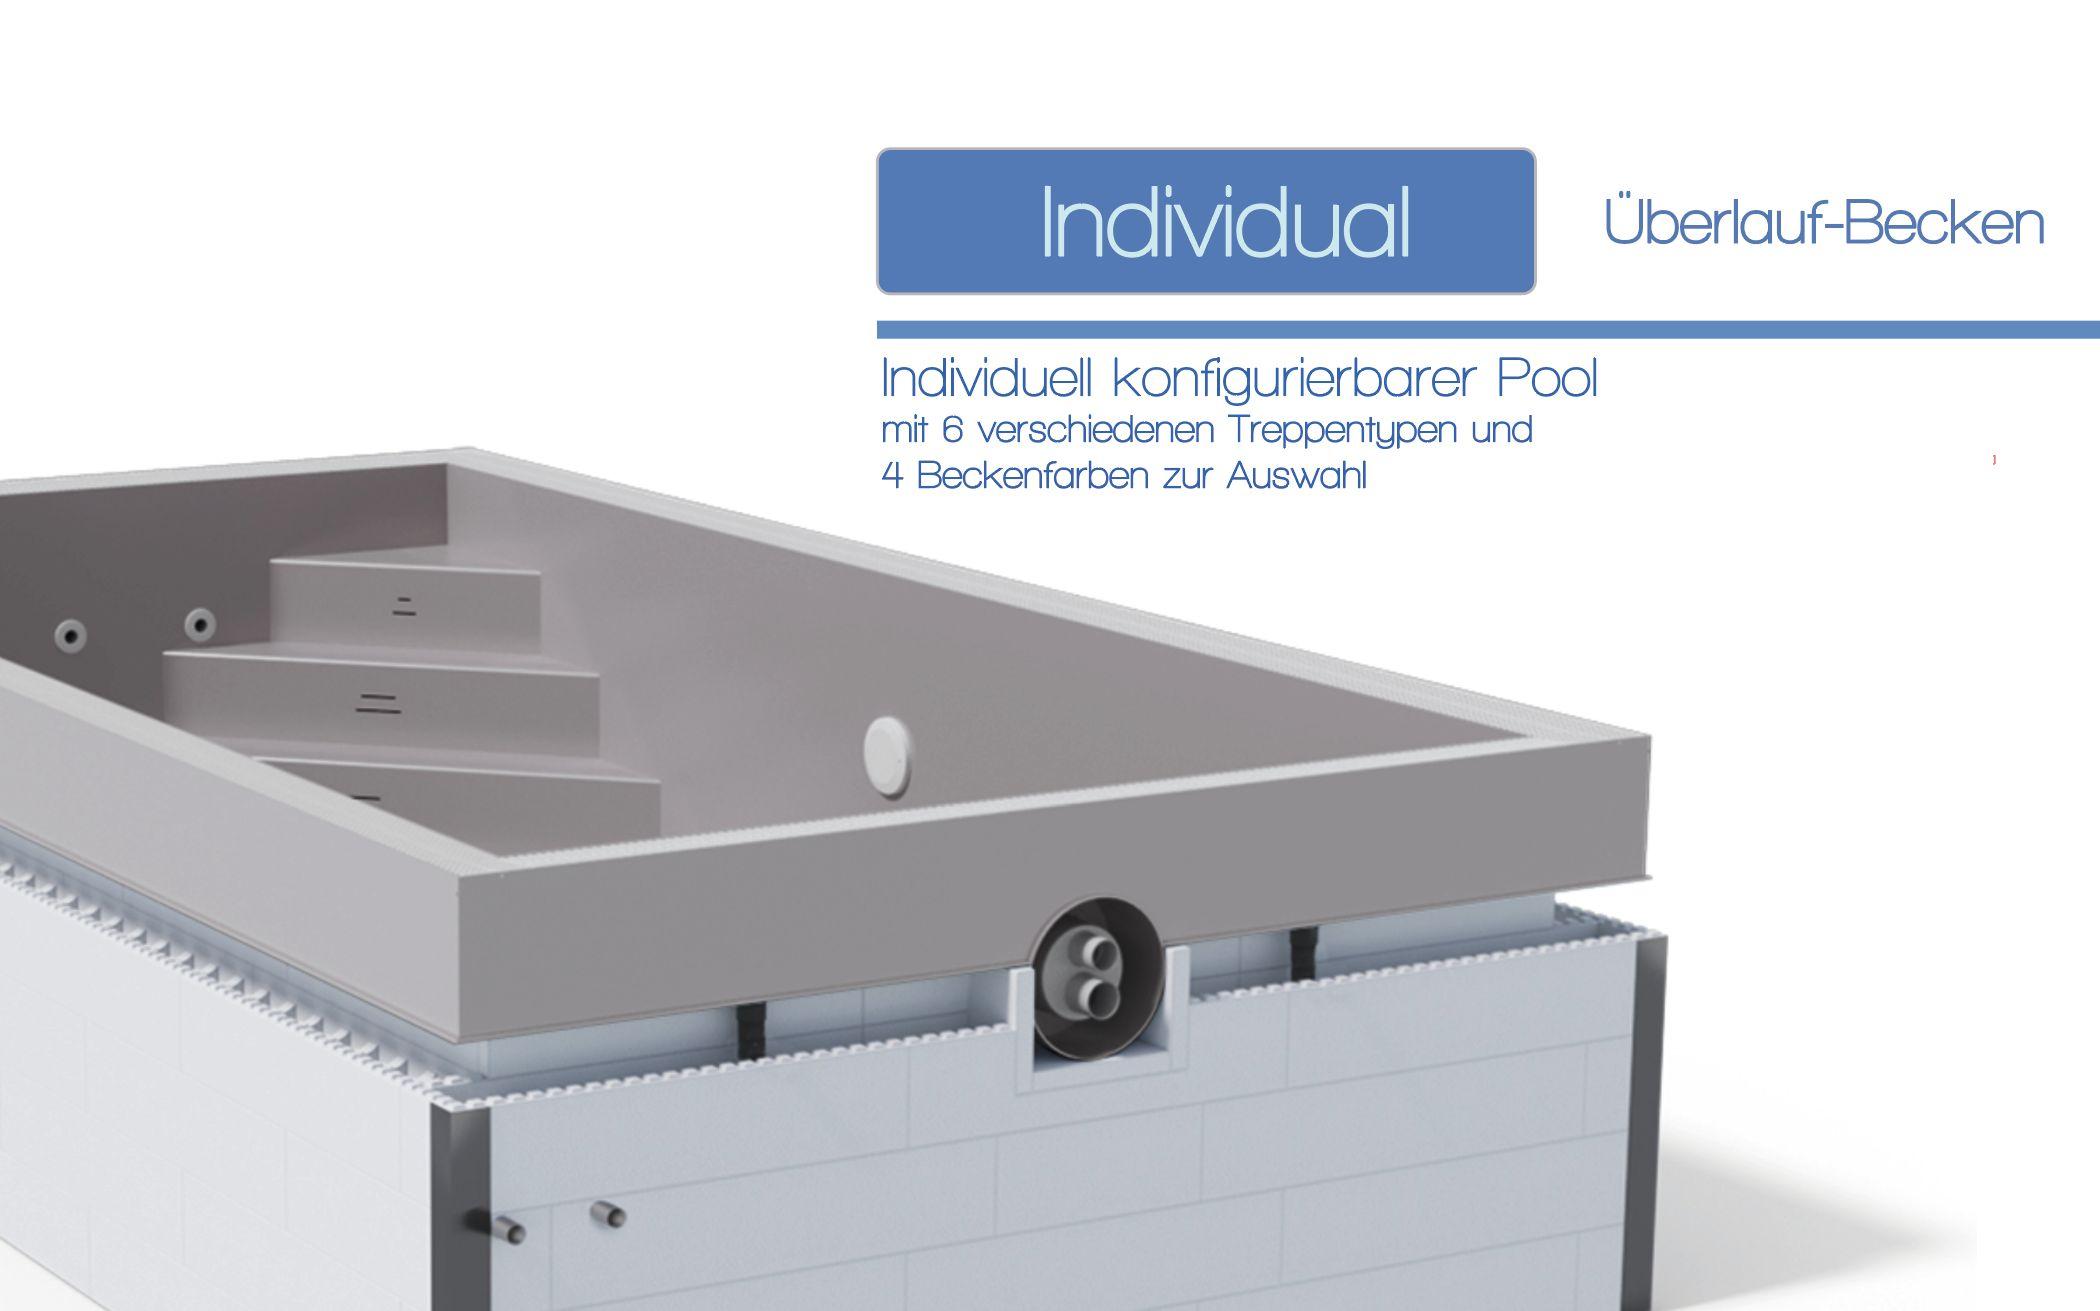 Individual - Überlauf-Becken